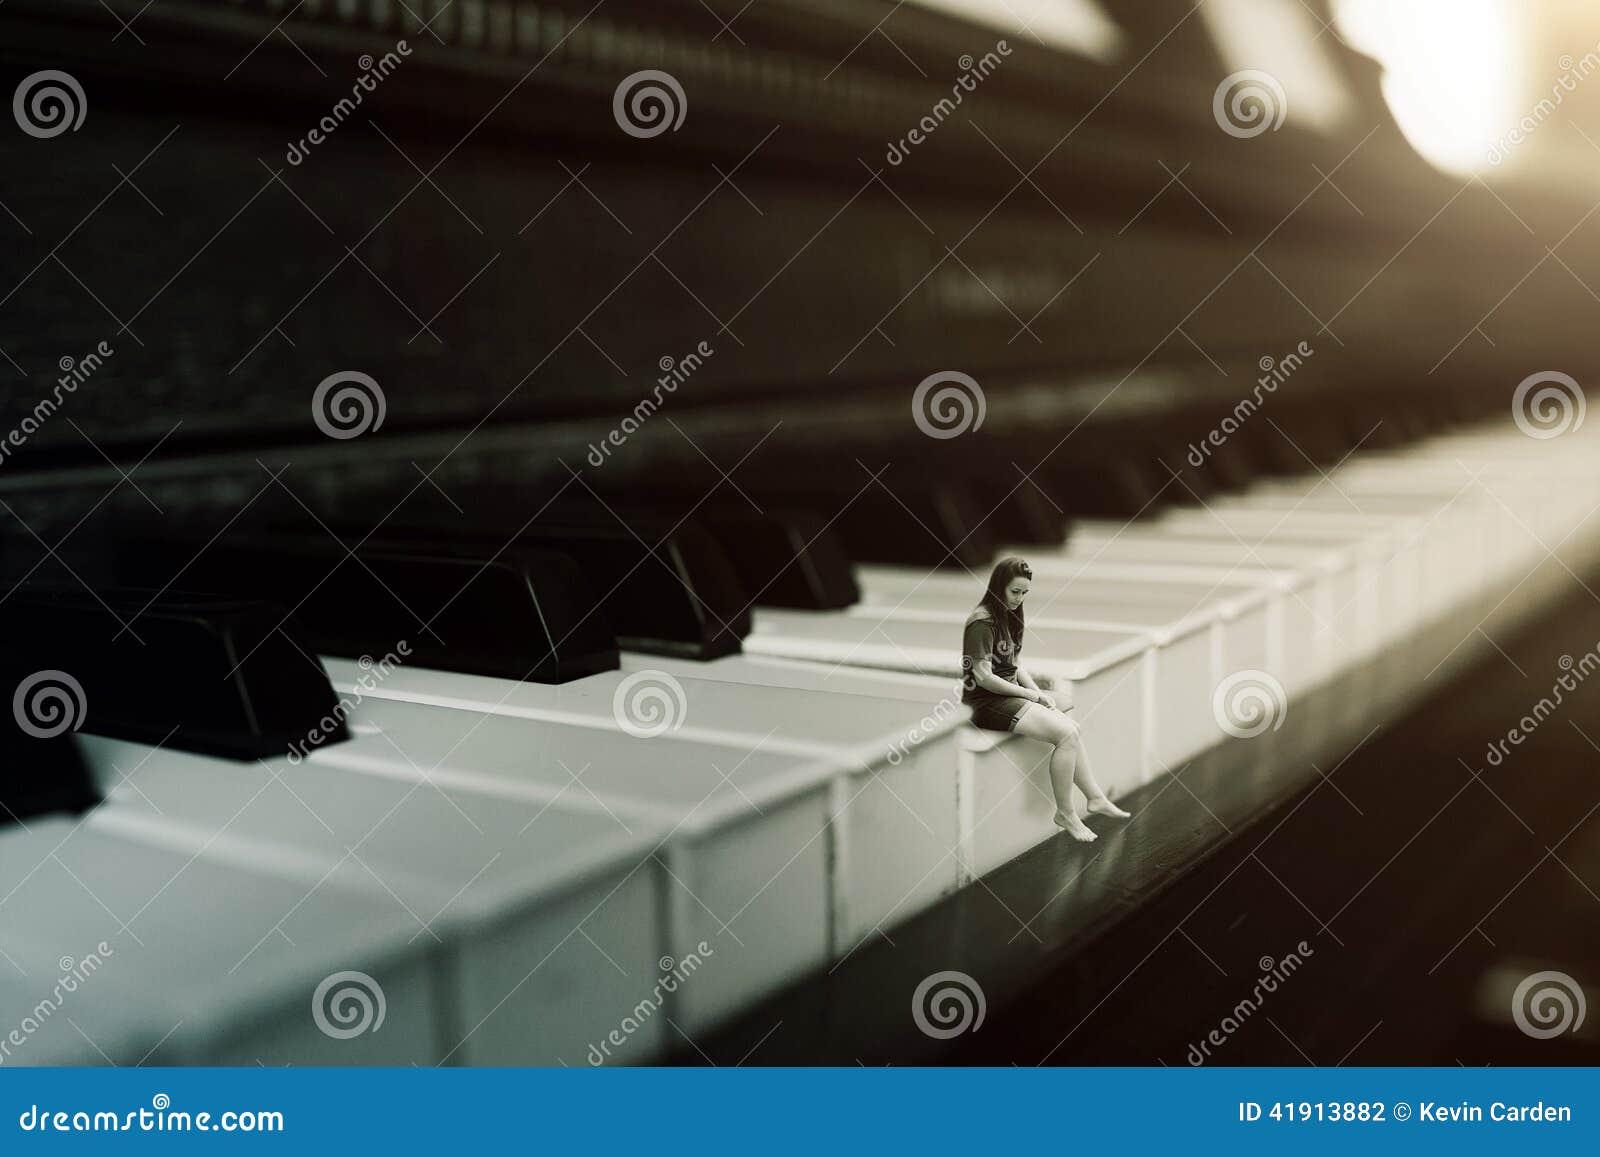 Solamente en el piano